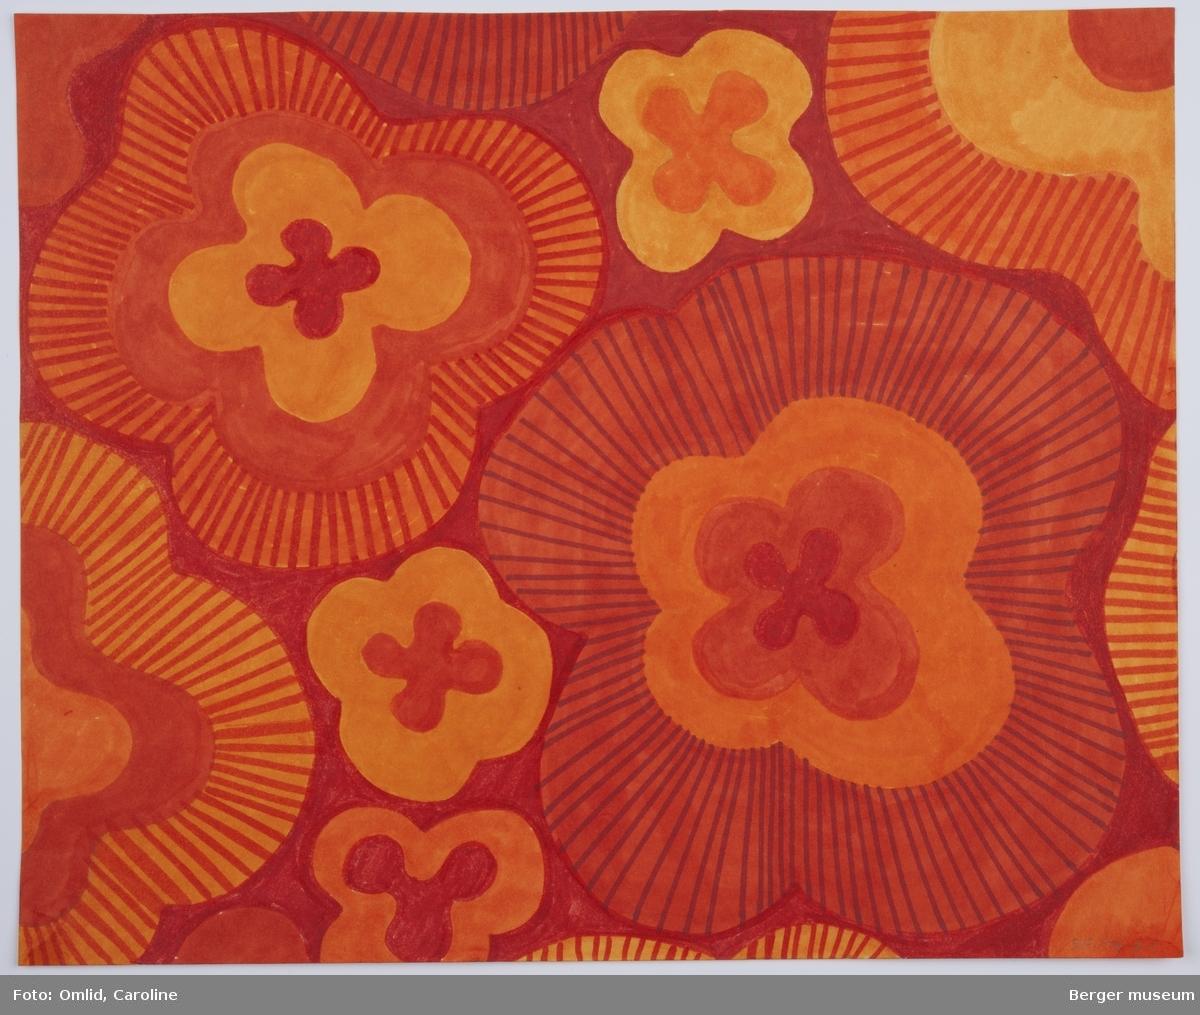 Mønster av blomster med firekronblad innrammet av brede felt rundt, de yttertste skrarvert